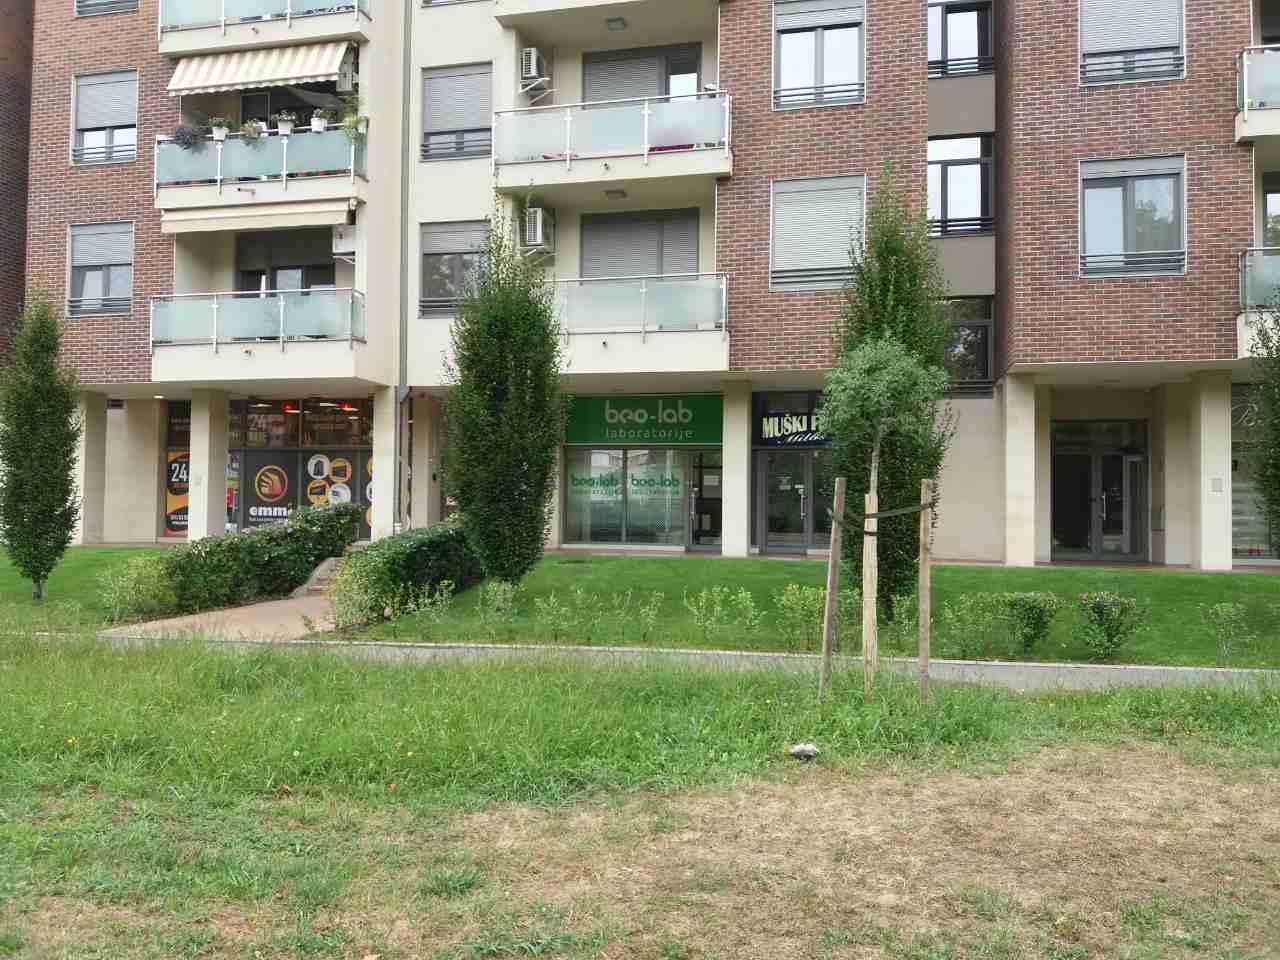 Beo-lab laboratorija Retenzija, Bul. Mihajla Pupina 16V, Novi Beograd 1